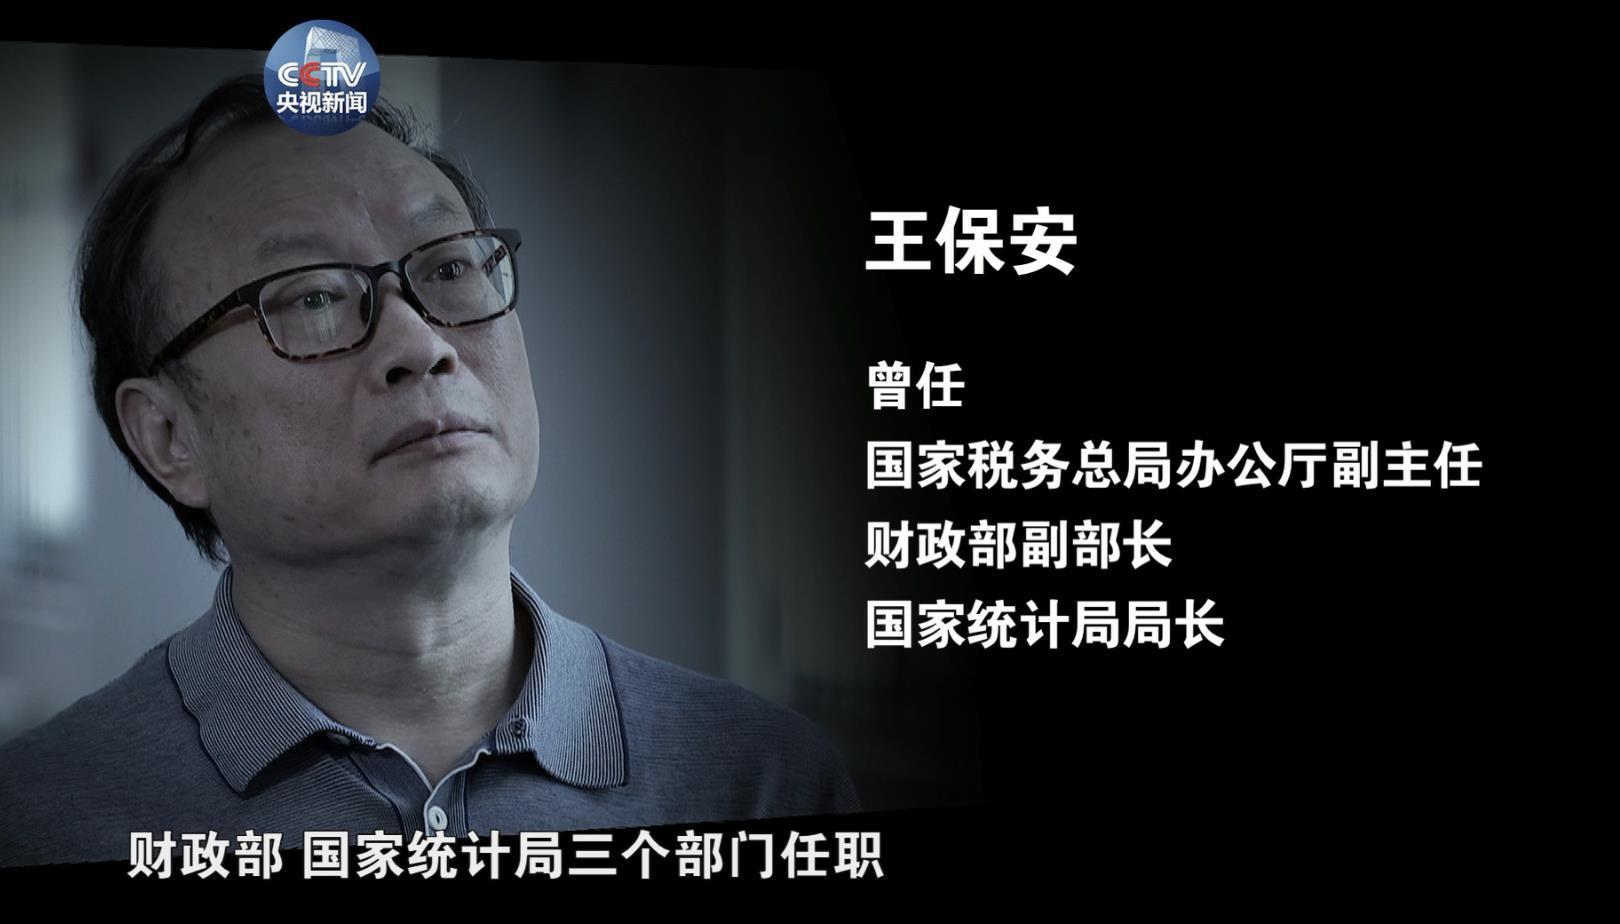 上港这1年:毛巾,处罚,管不住嘴,连罚金总数都是亚军…